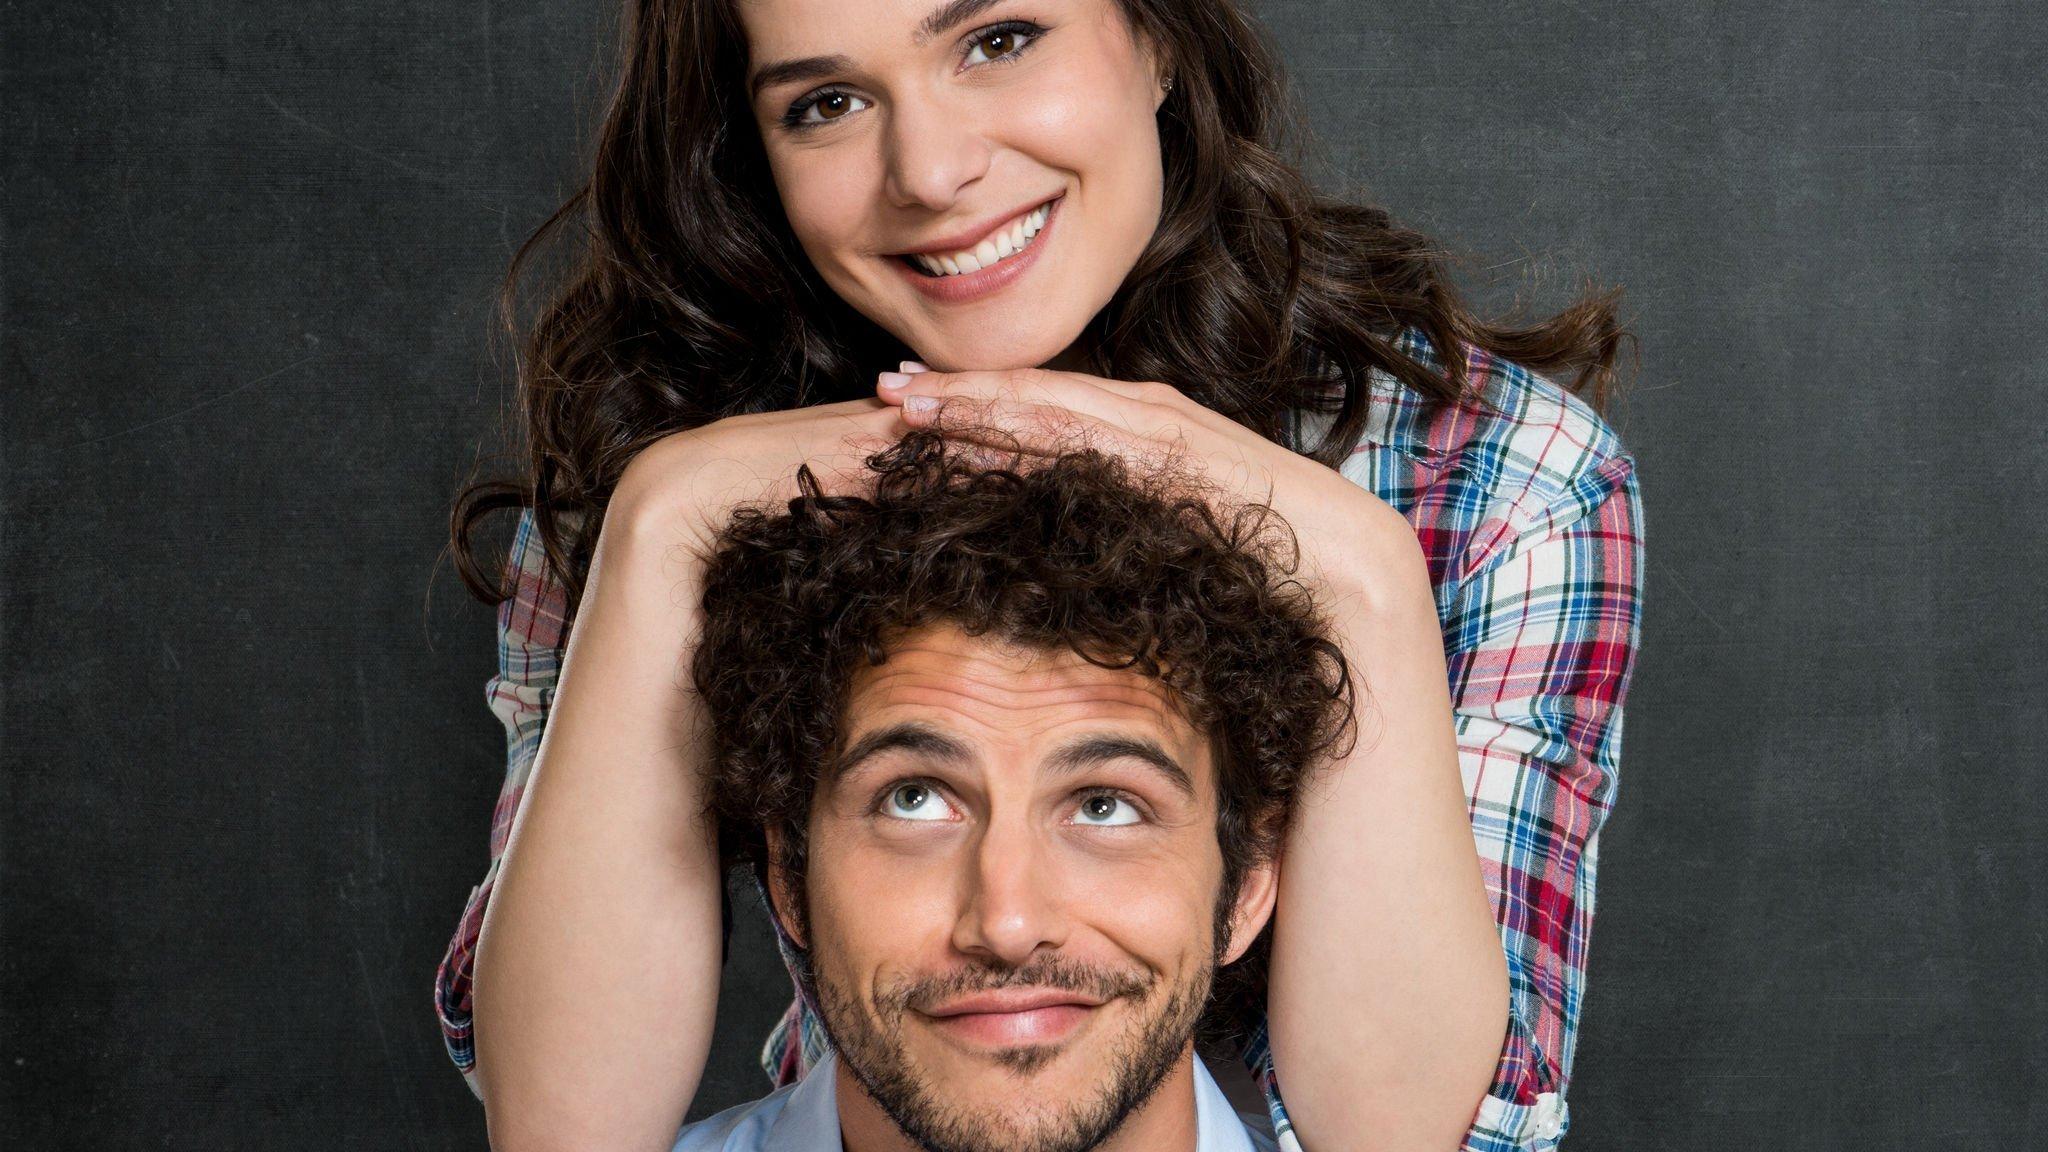 Homem e mulher sorrindo, mulher está se apoiando na cabeça do homem